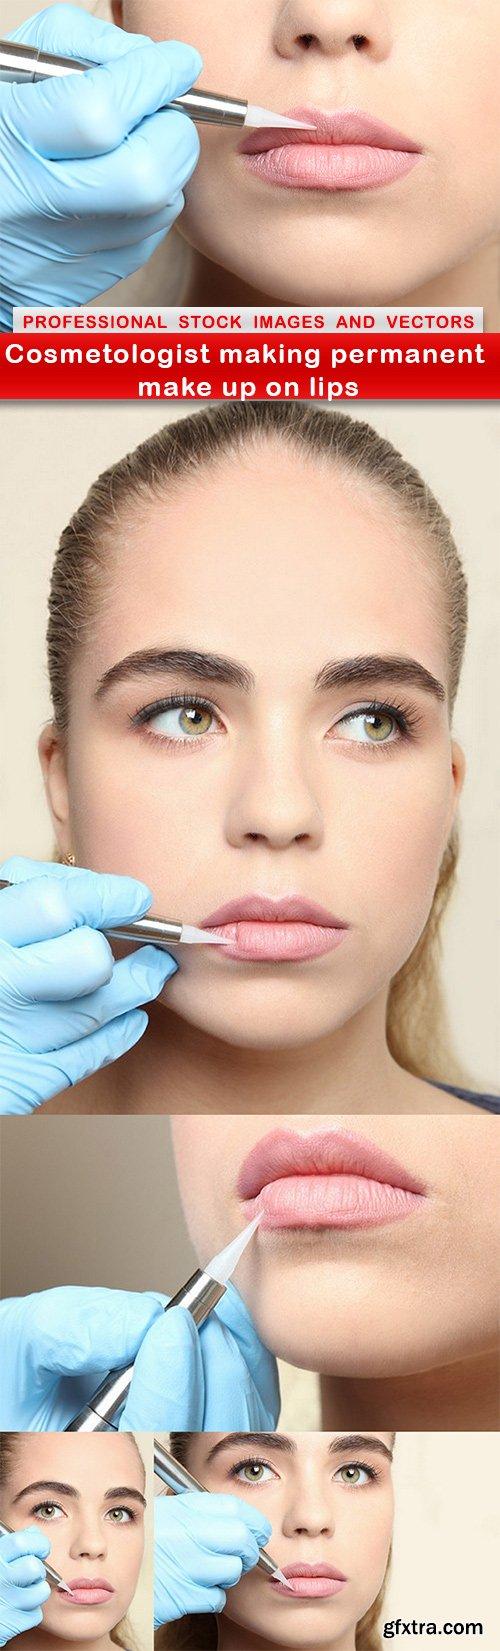 Cosmetologist making permanent make up on lips - 5 UHQ JPEG